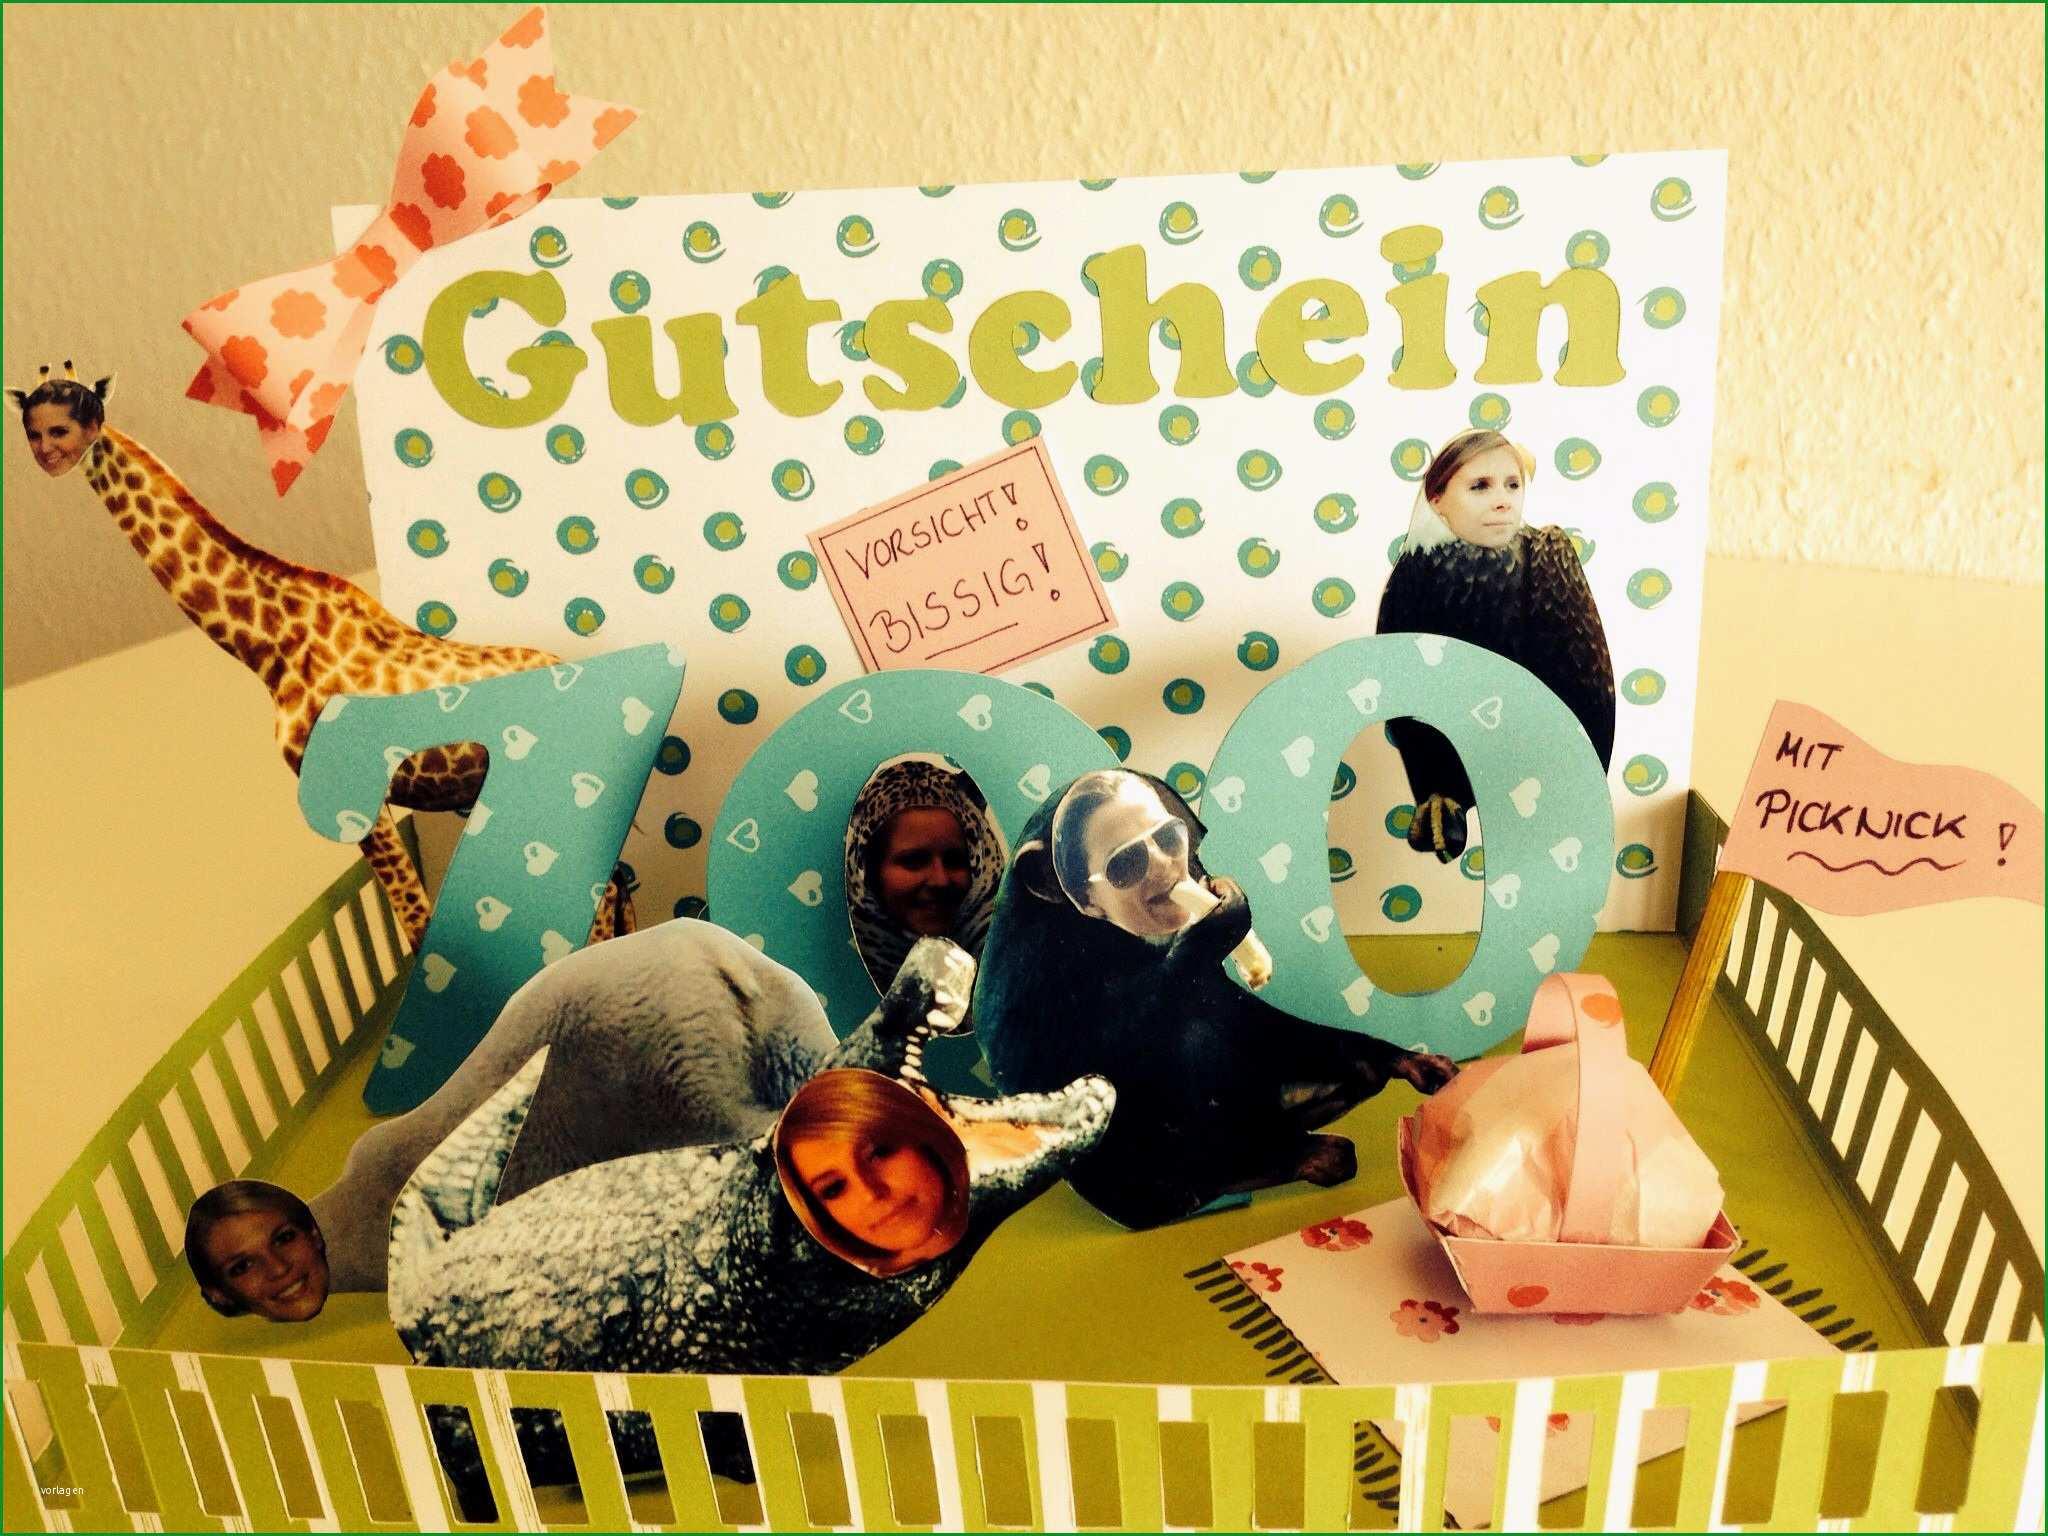 Phänomenal Zoo Gutschein In 3d Optik Bastelwastel